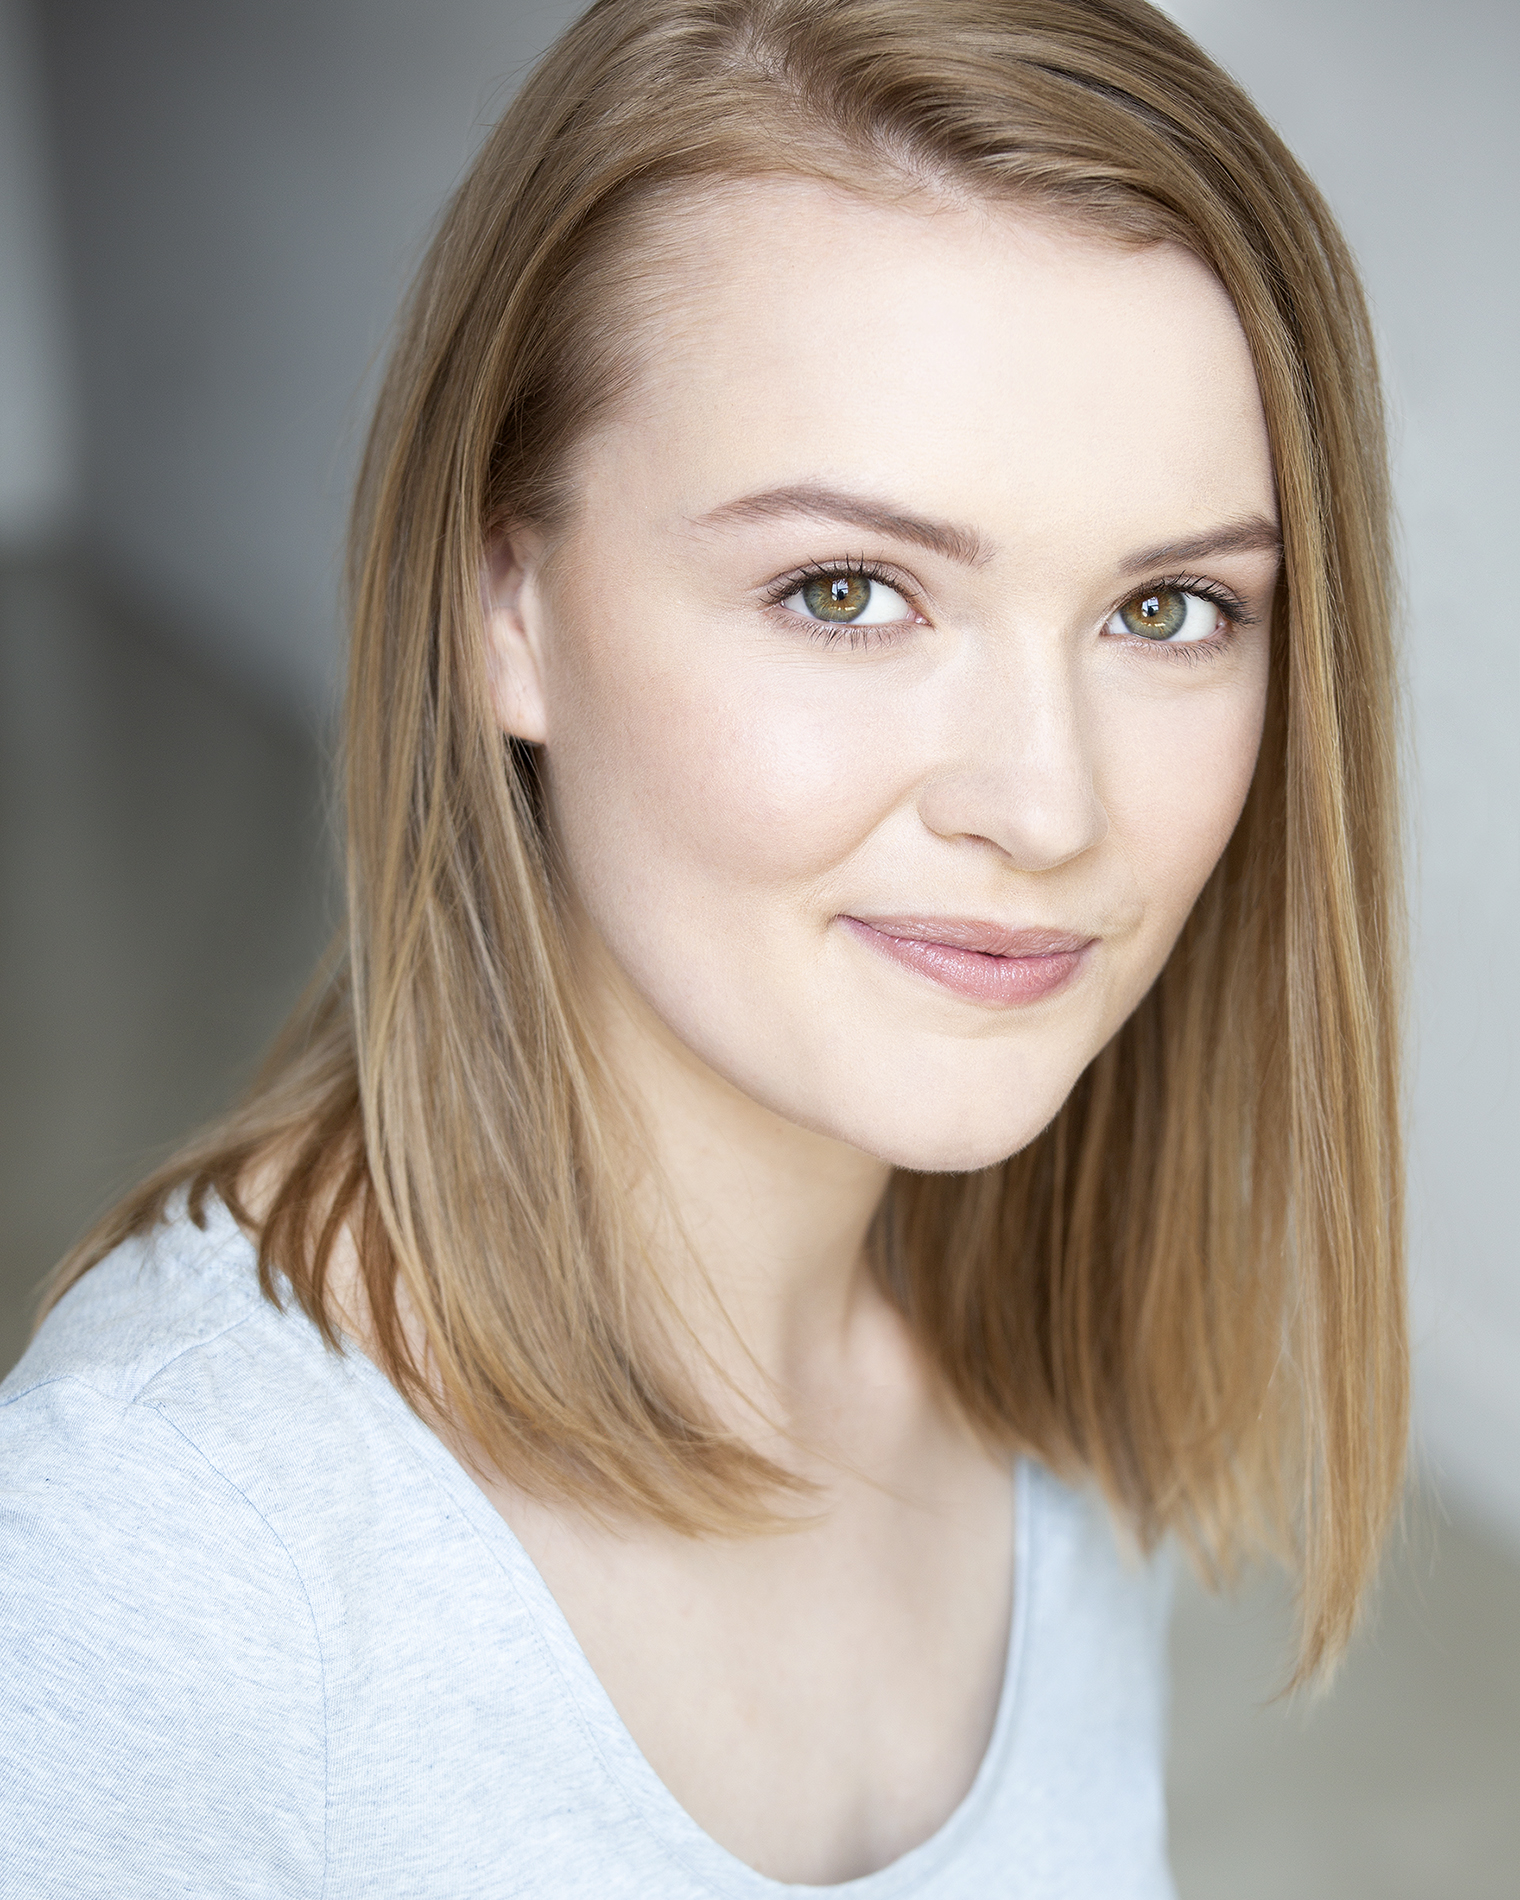 ERICA ANDERSON ACTOR